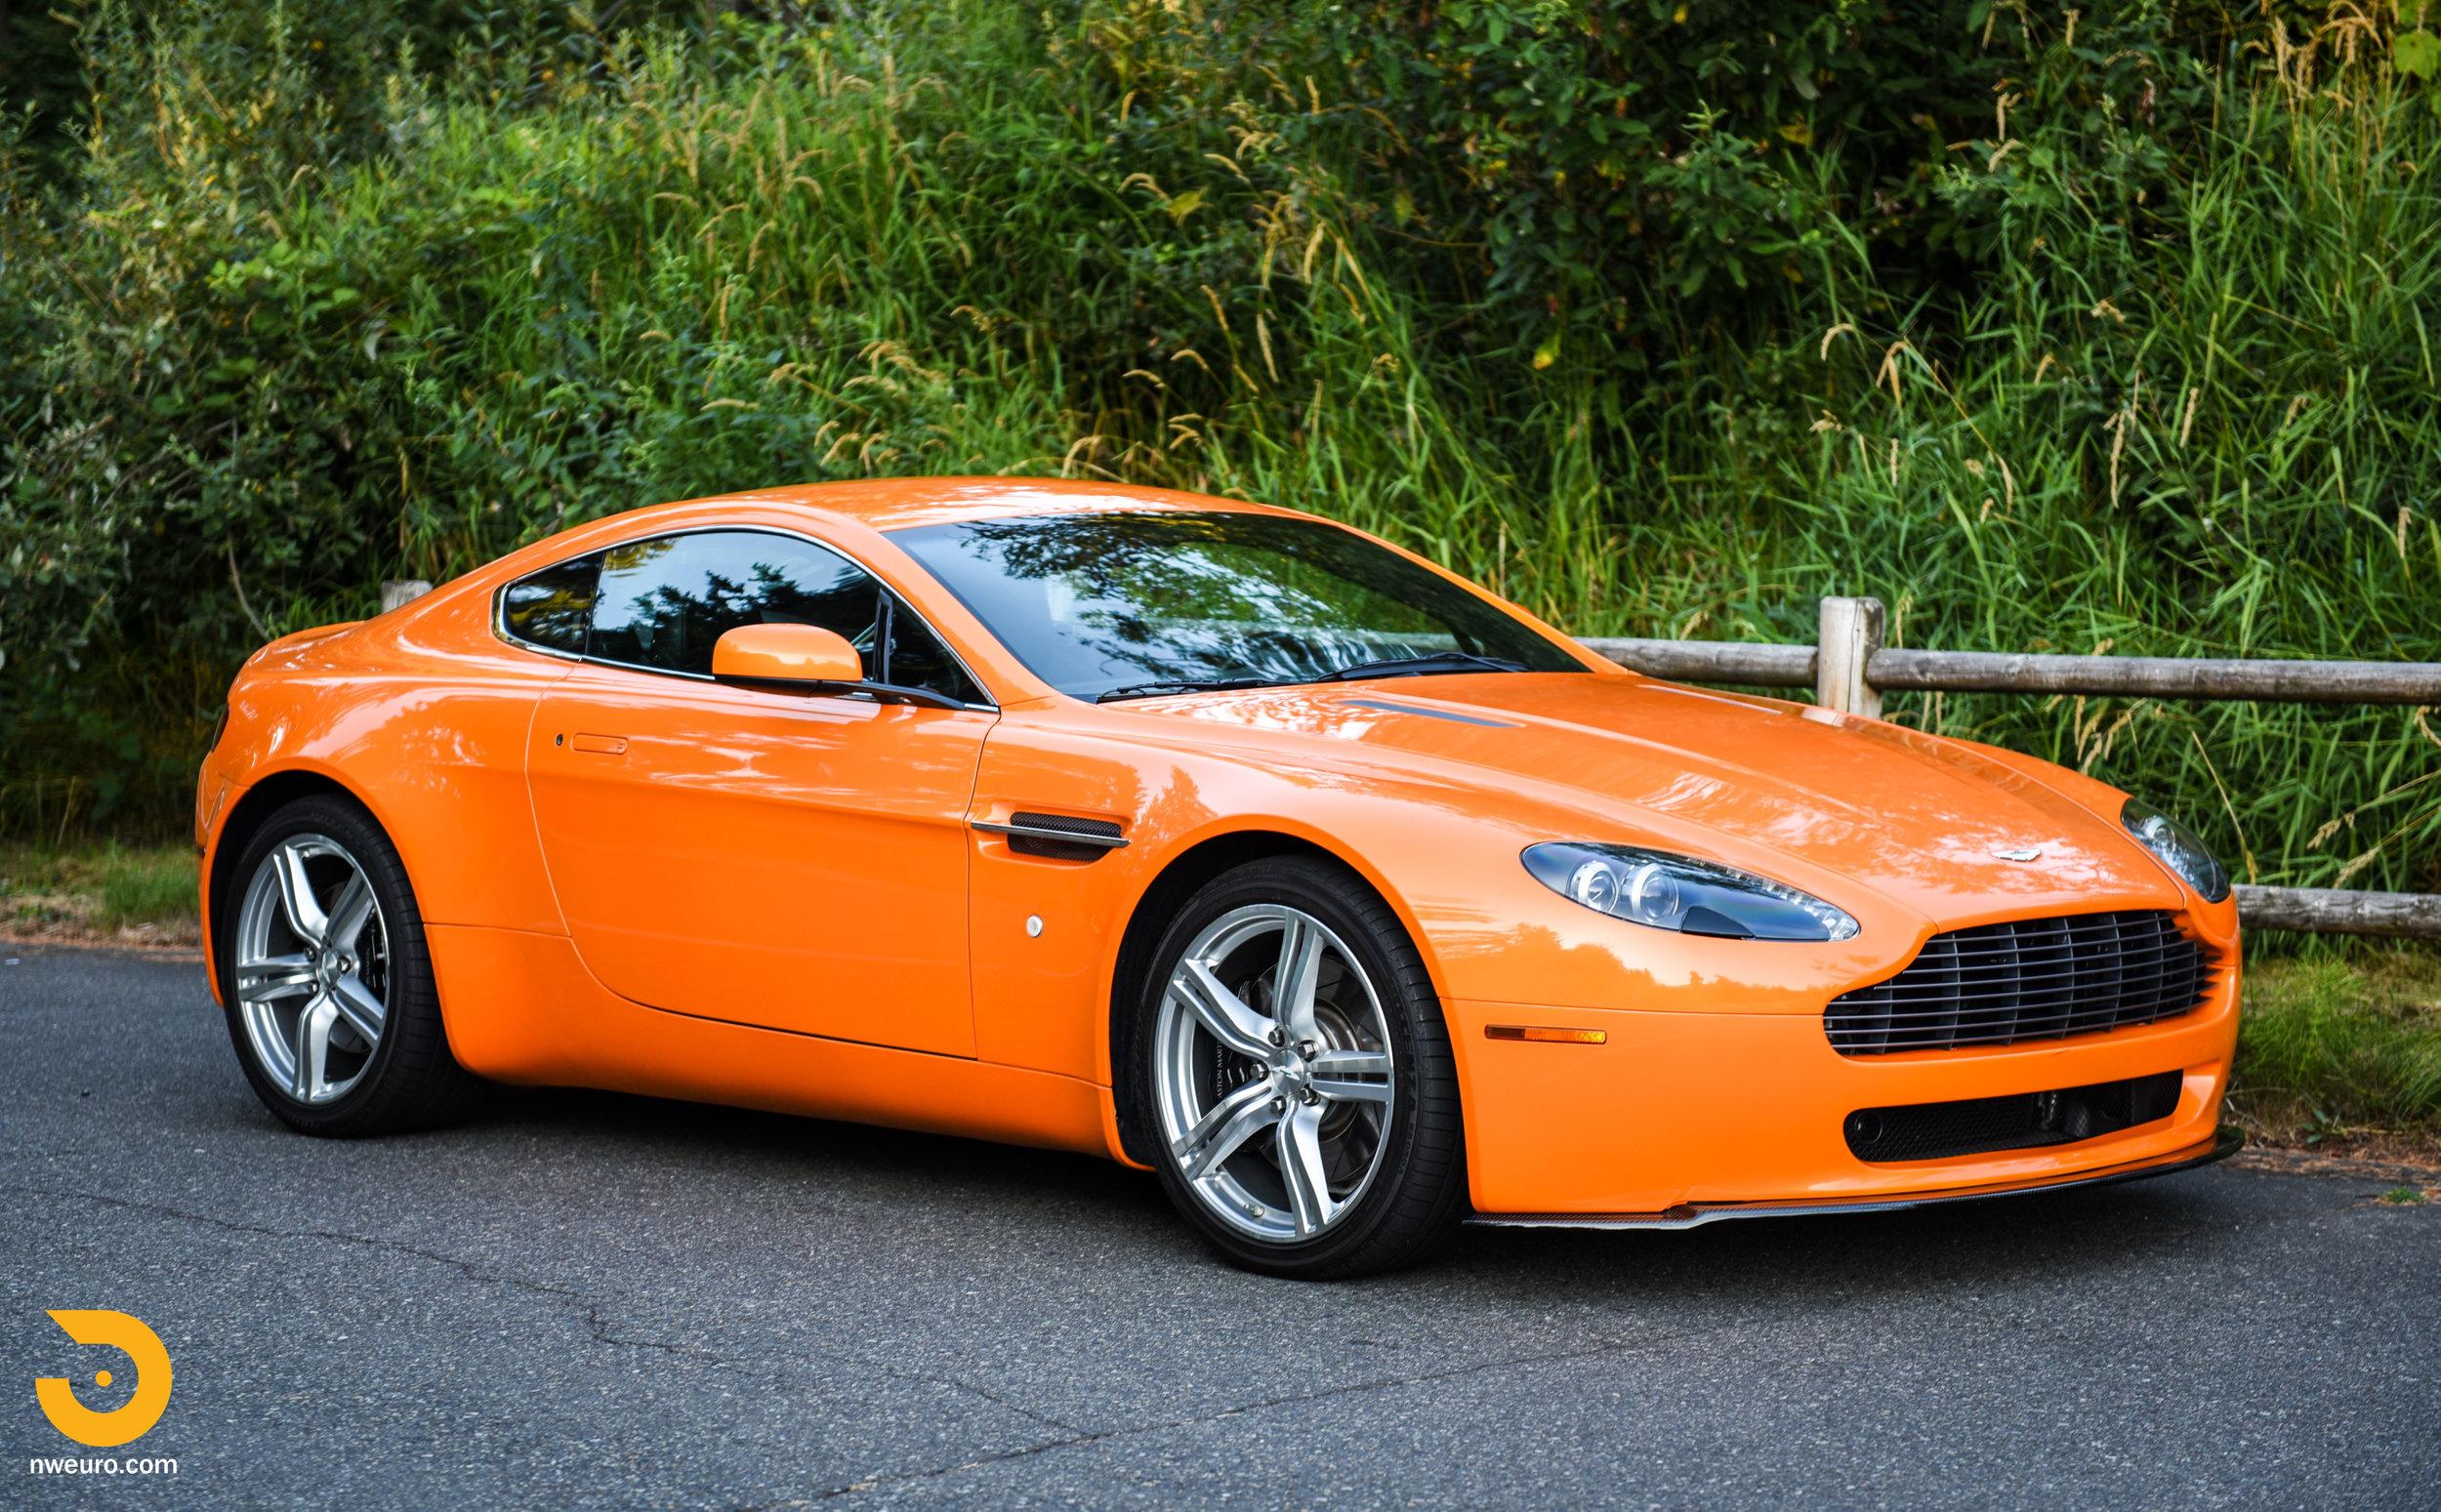 2009 Aston Martin V8 Vantage-5.jpg